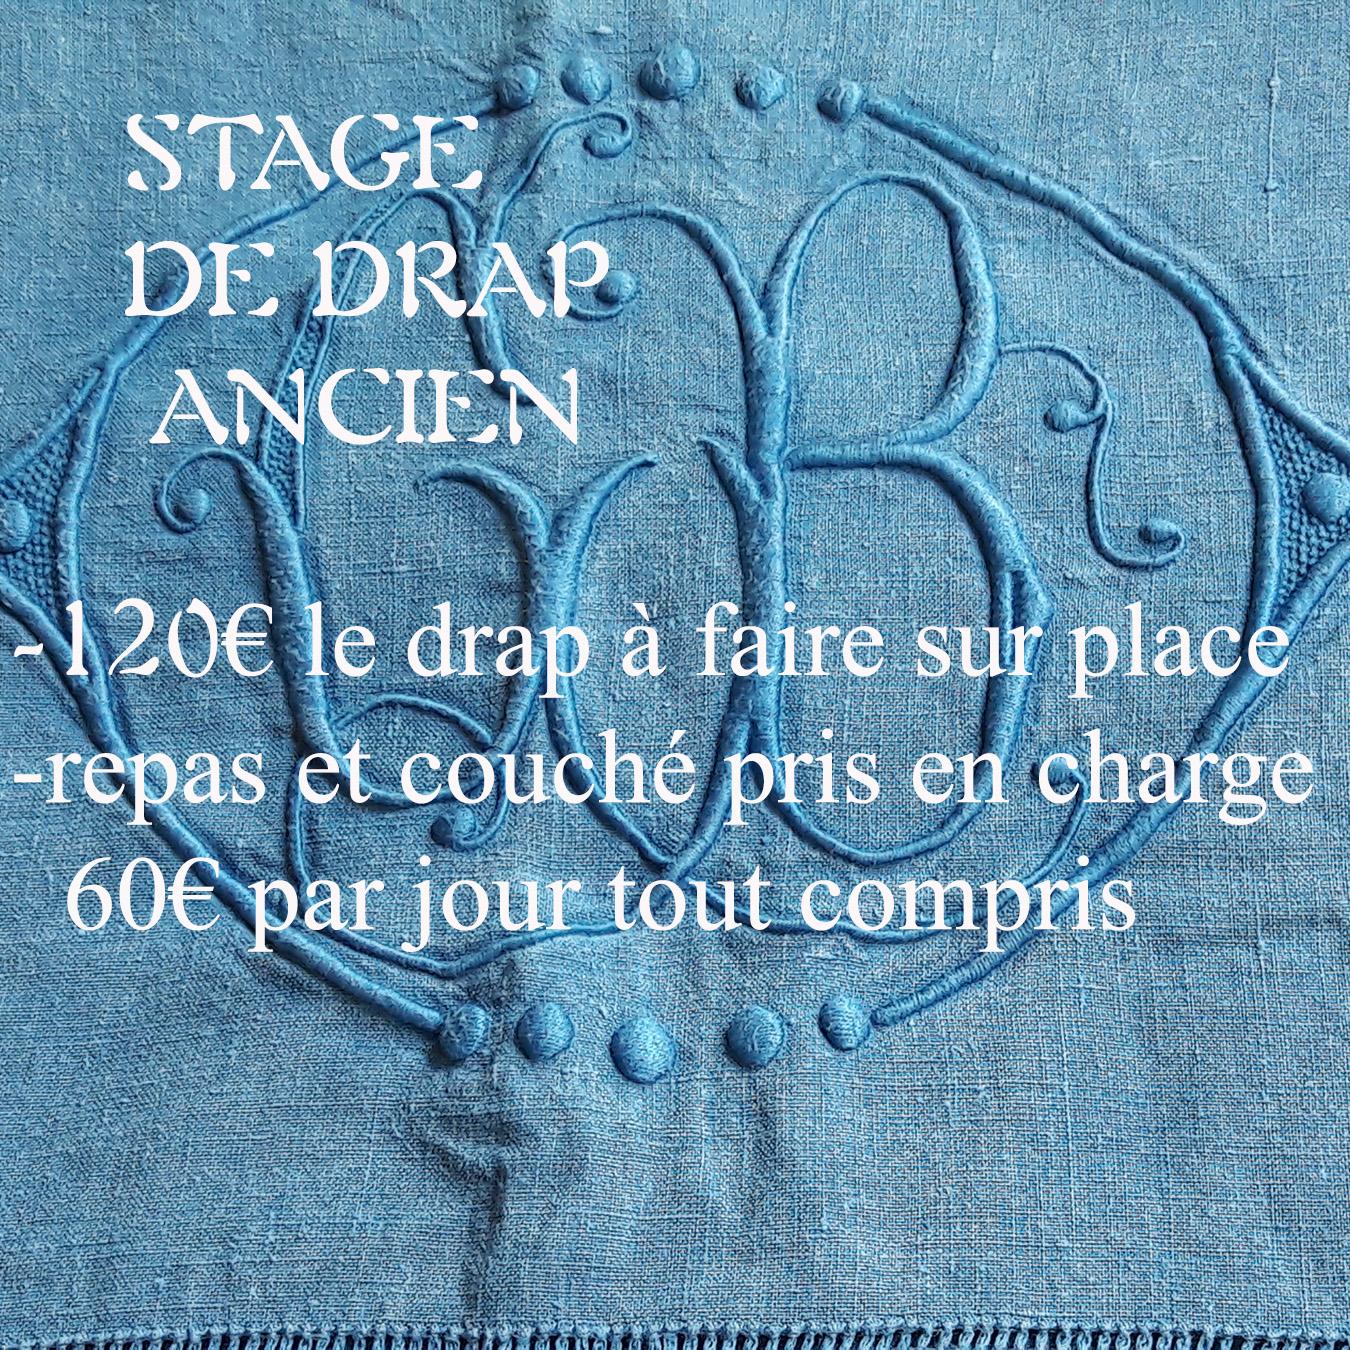 Stage de drap ancien